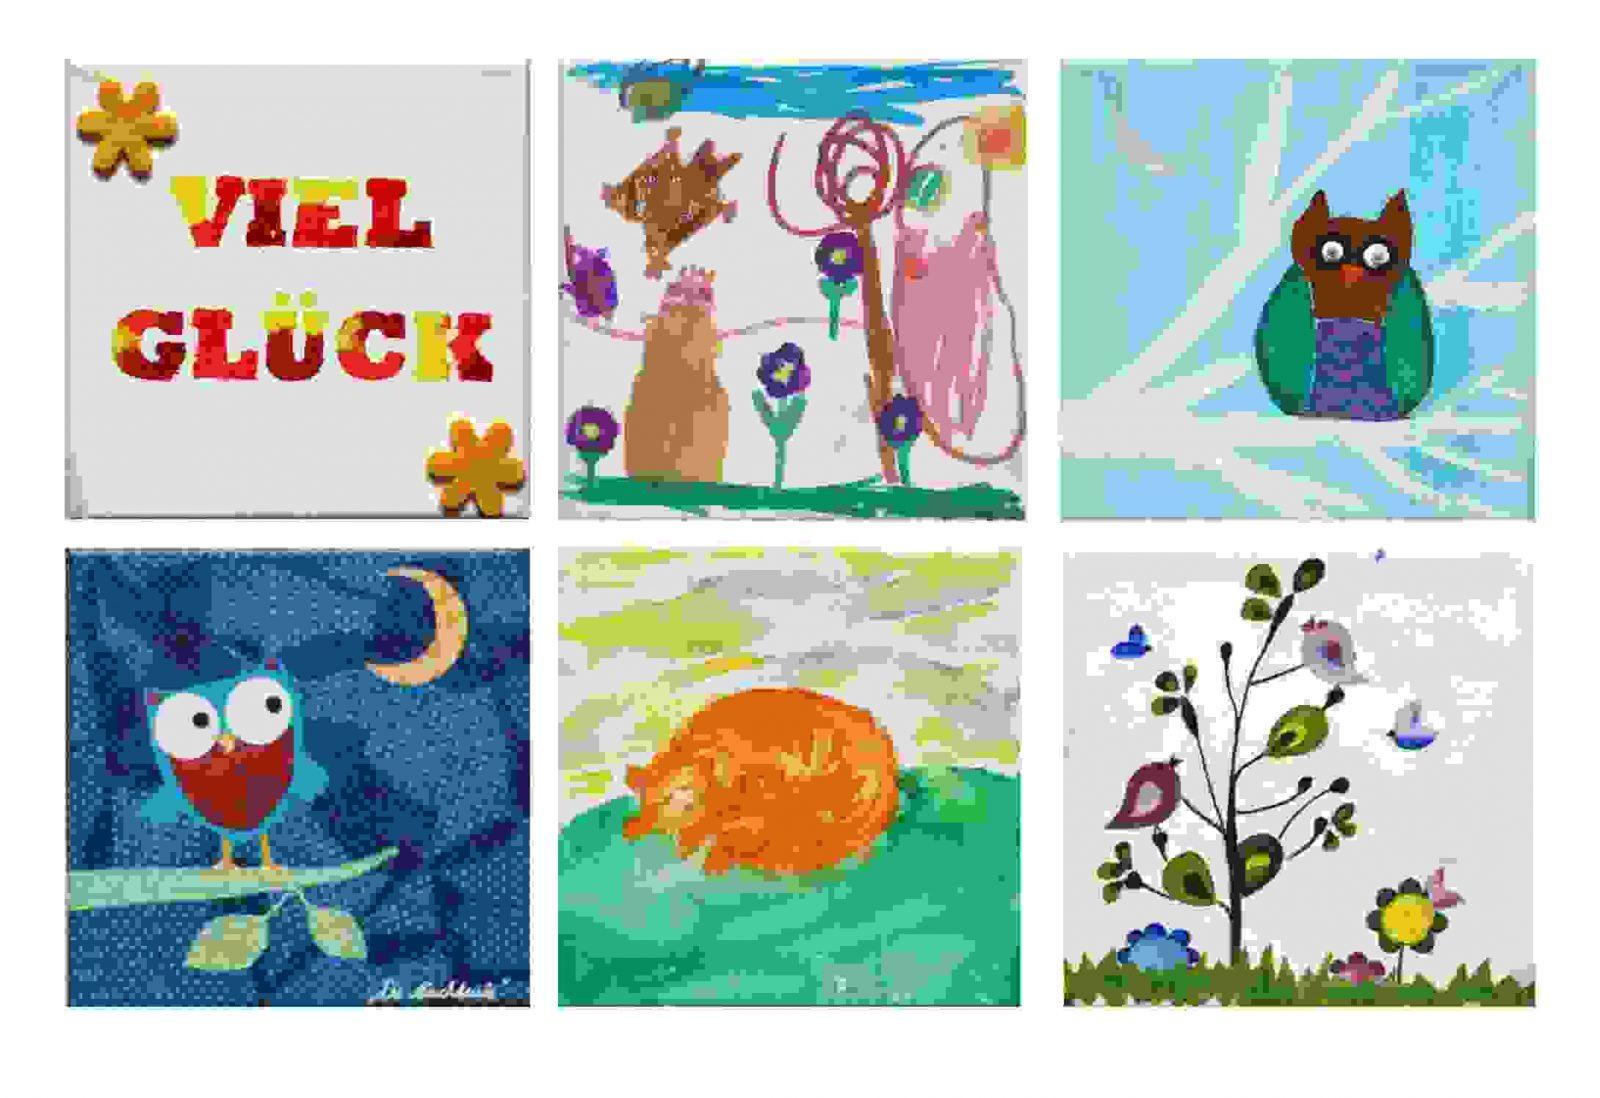 30 Oberteil Von Leinwand Gestalten Mit Kindern Konzept  Moderne von Bilder Gestalten Mit Kindern Bild